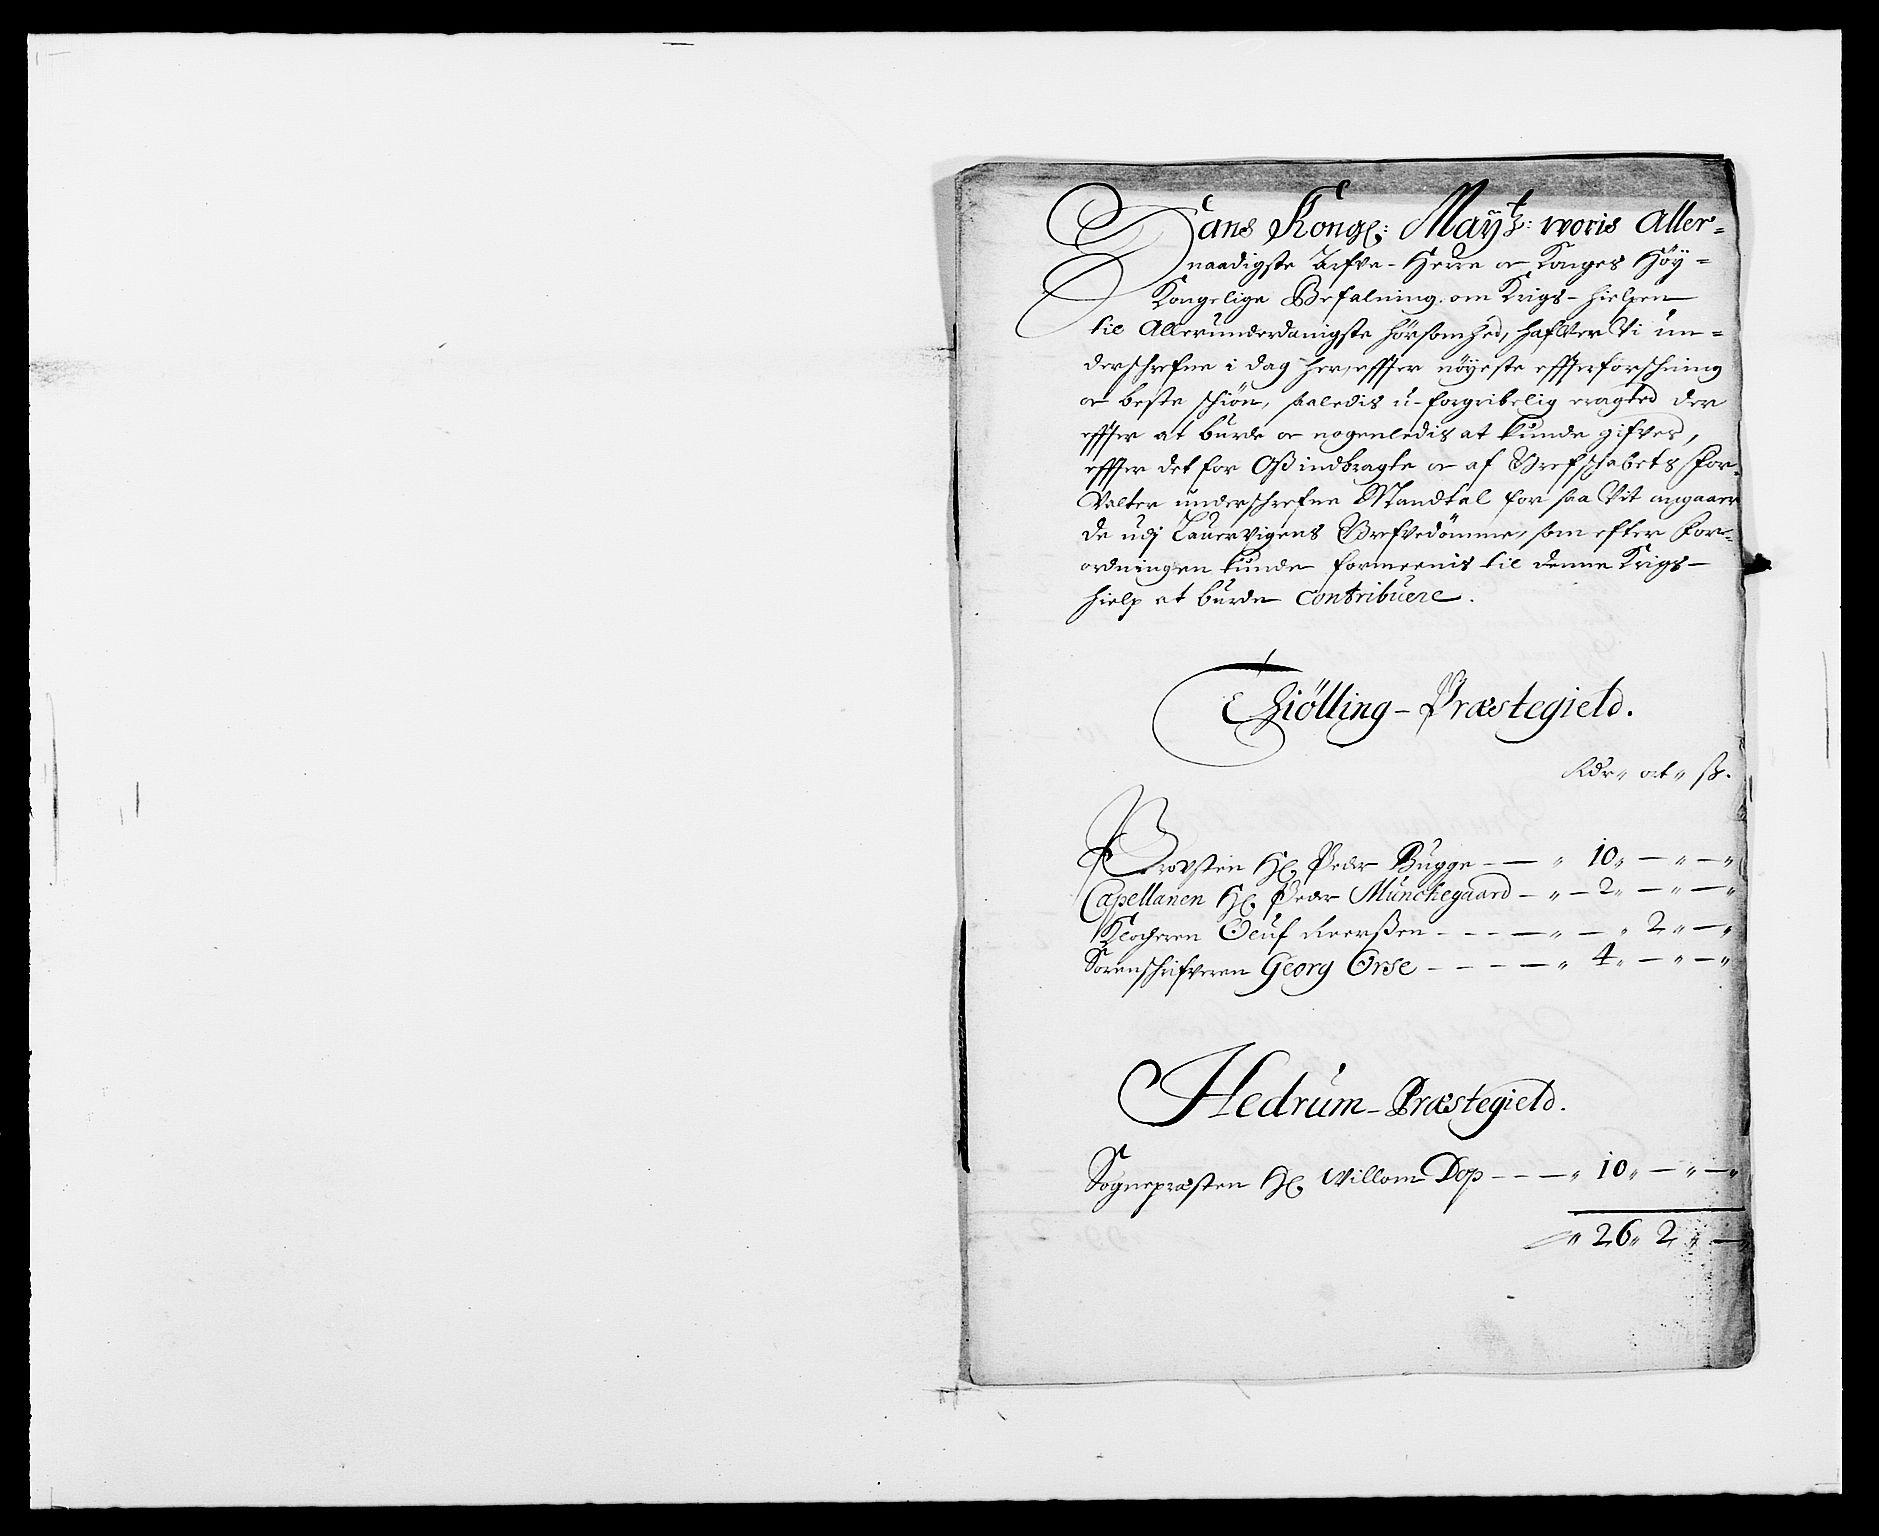 RA, Rentekammeret inntil 1814, Reviderte regnskaper, Fogderegnskap, R33/L1969: Fogderegnskap Larvik grevskap, 1675-1687, s. 330